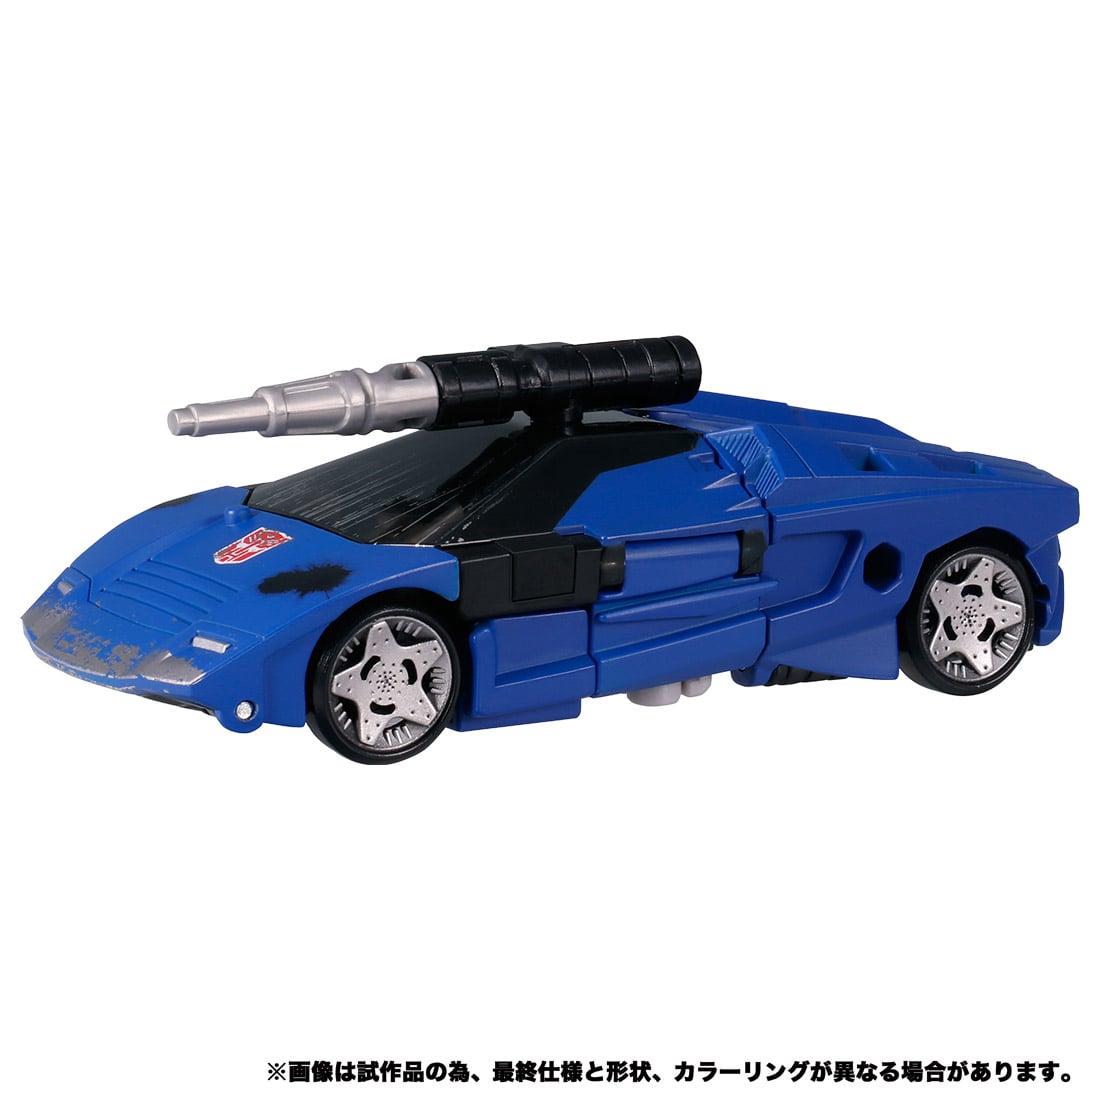 トランスフォーマー ウォーフォーサイバトロン『WFC-17 ディープカバー』可変可動フィギュア-003